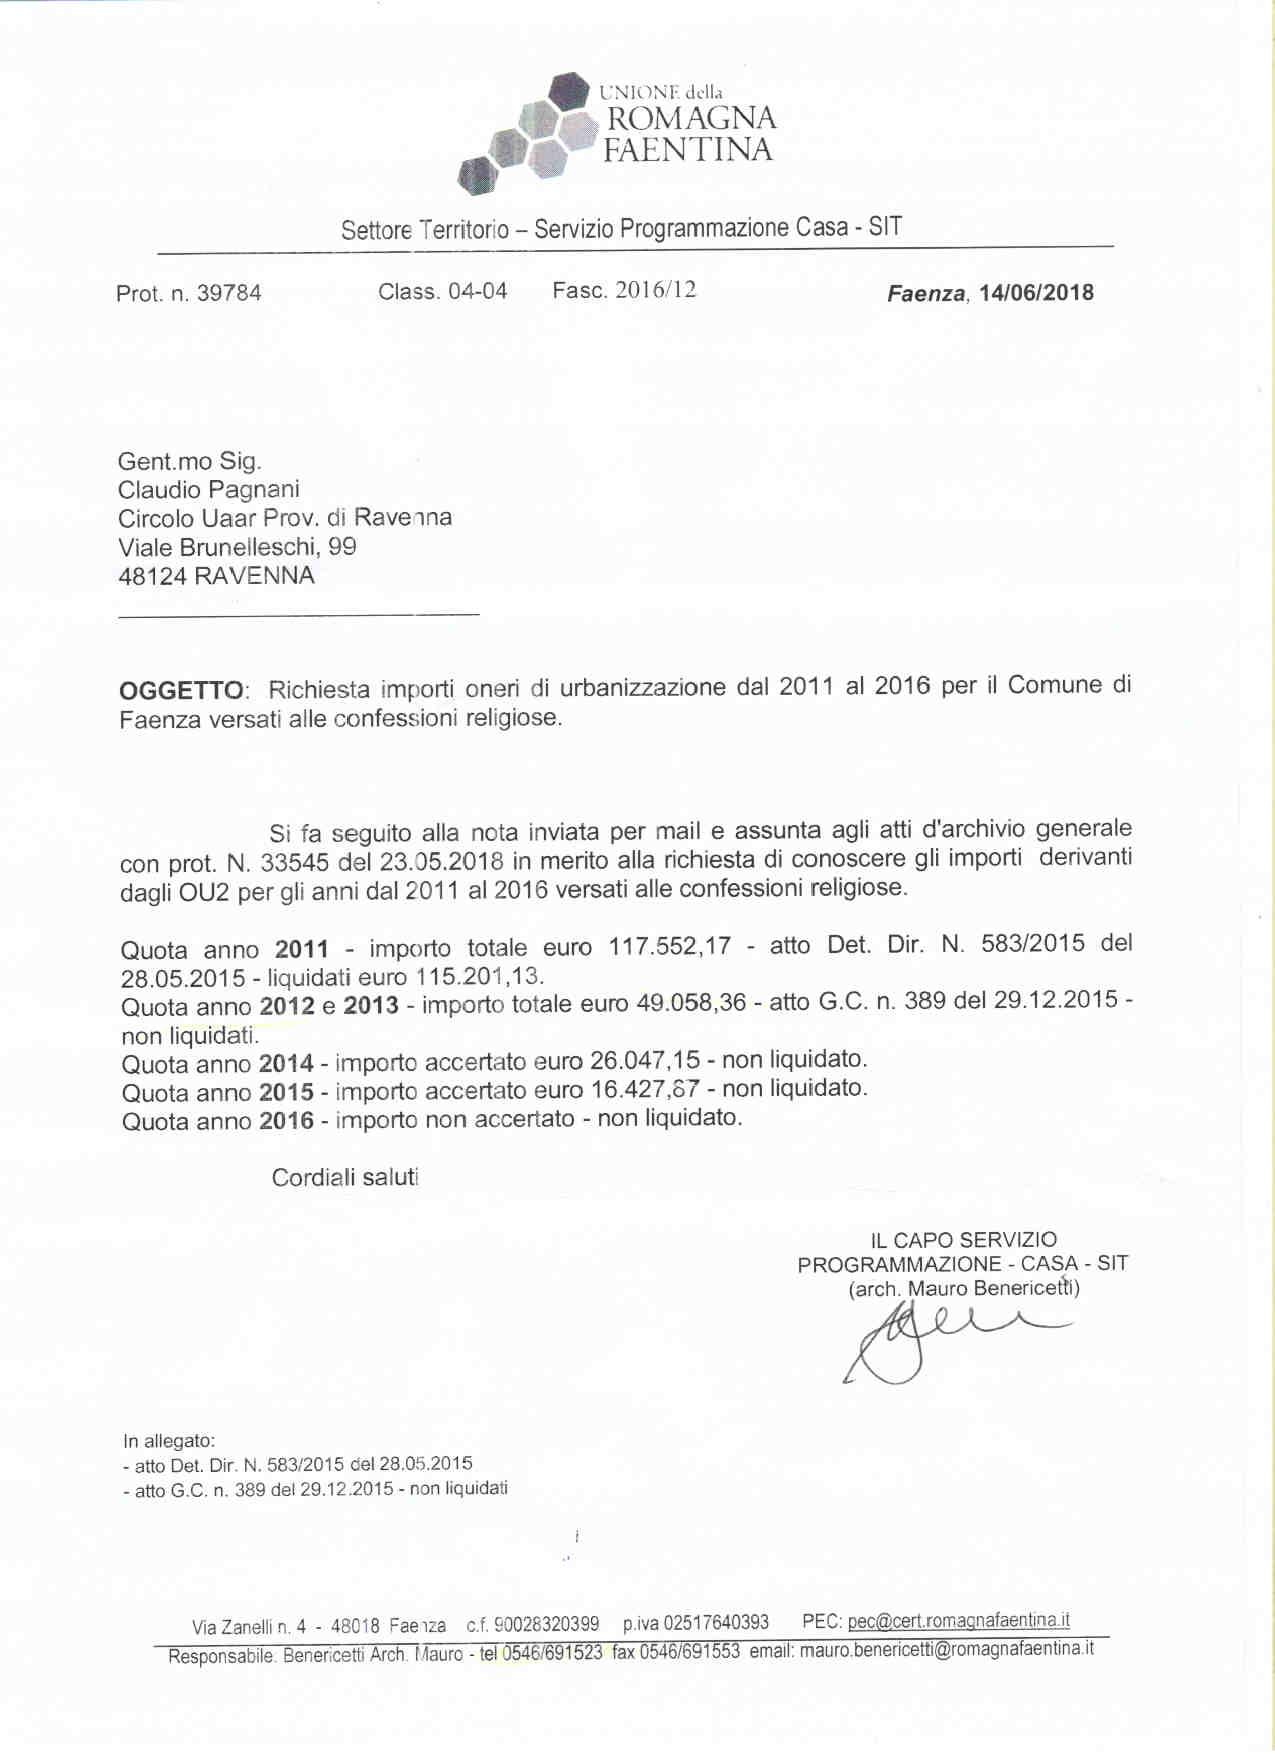 OU2 Comune Faenza 2011- 2016